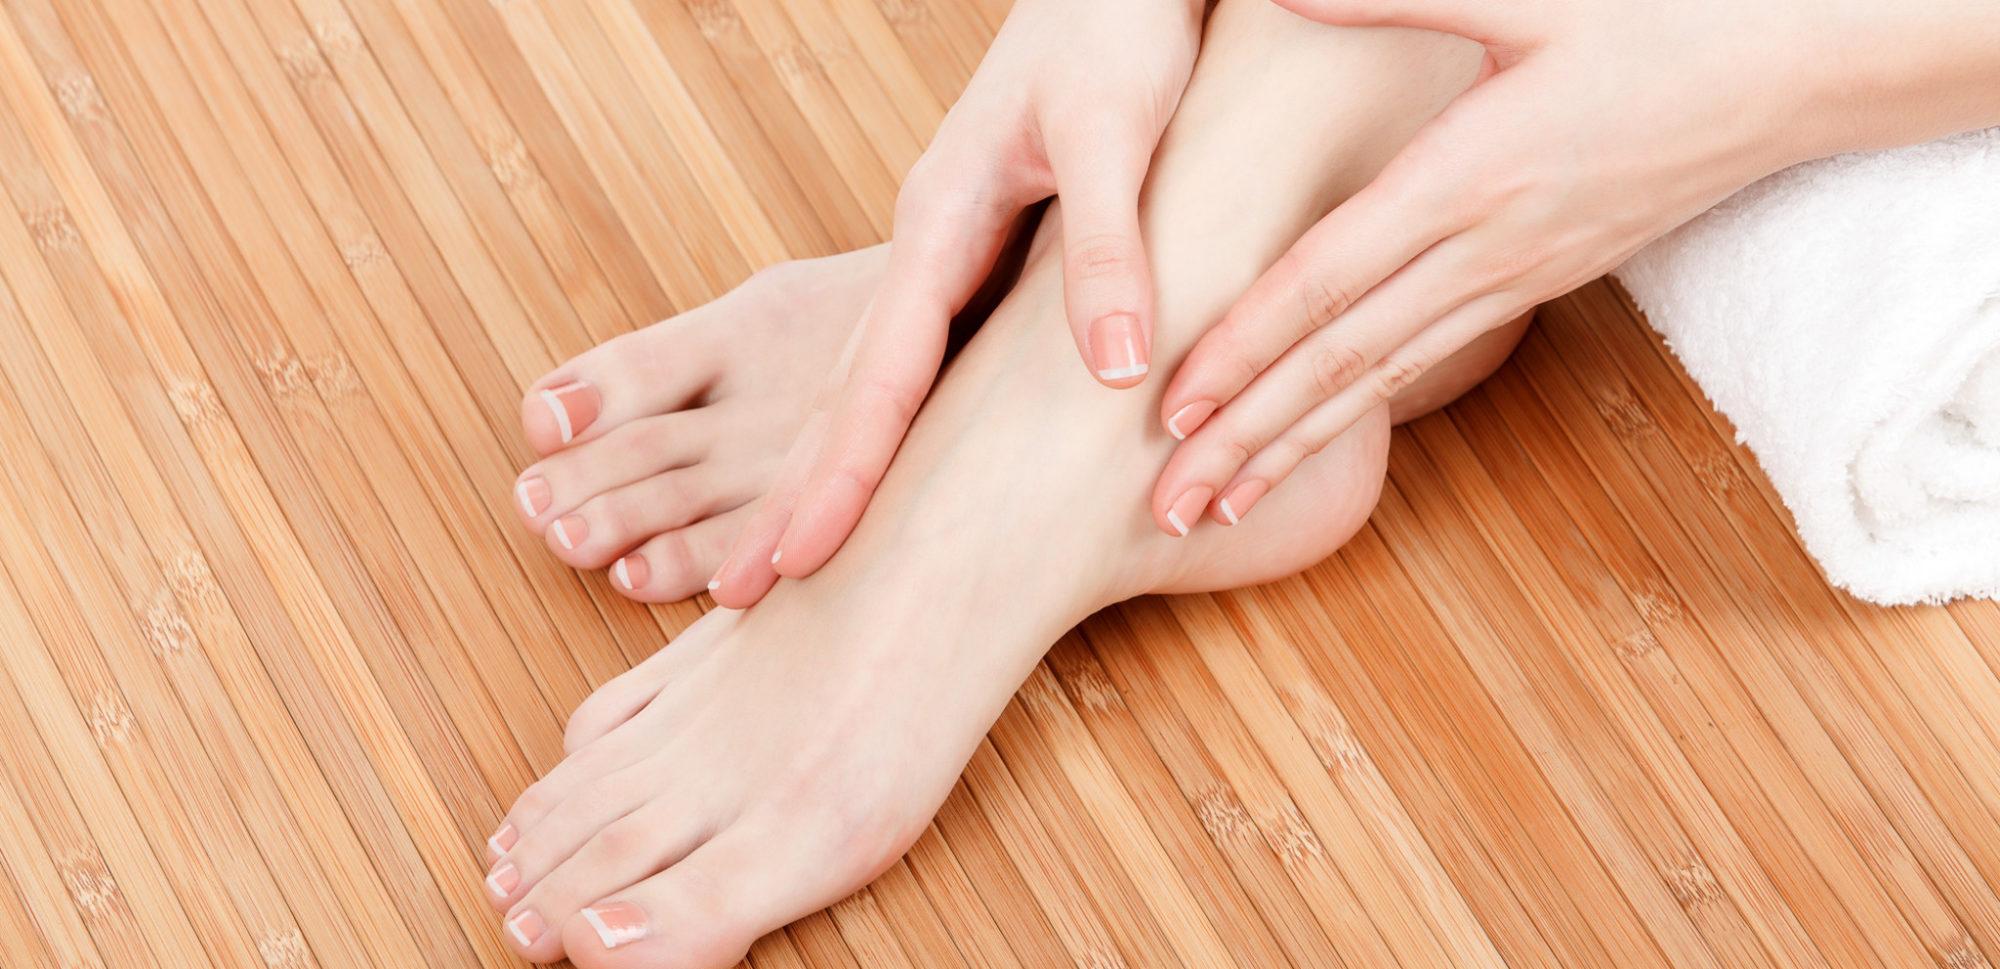 وصفات طبيعية لترطيب القدمين فى الشتاء (2)